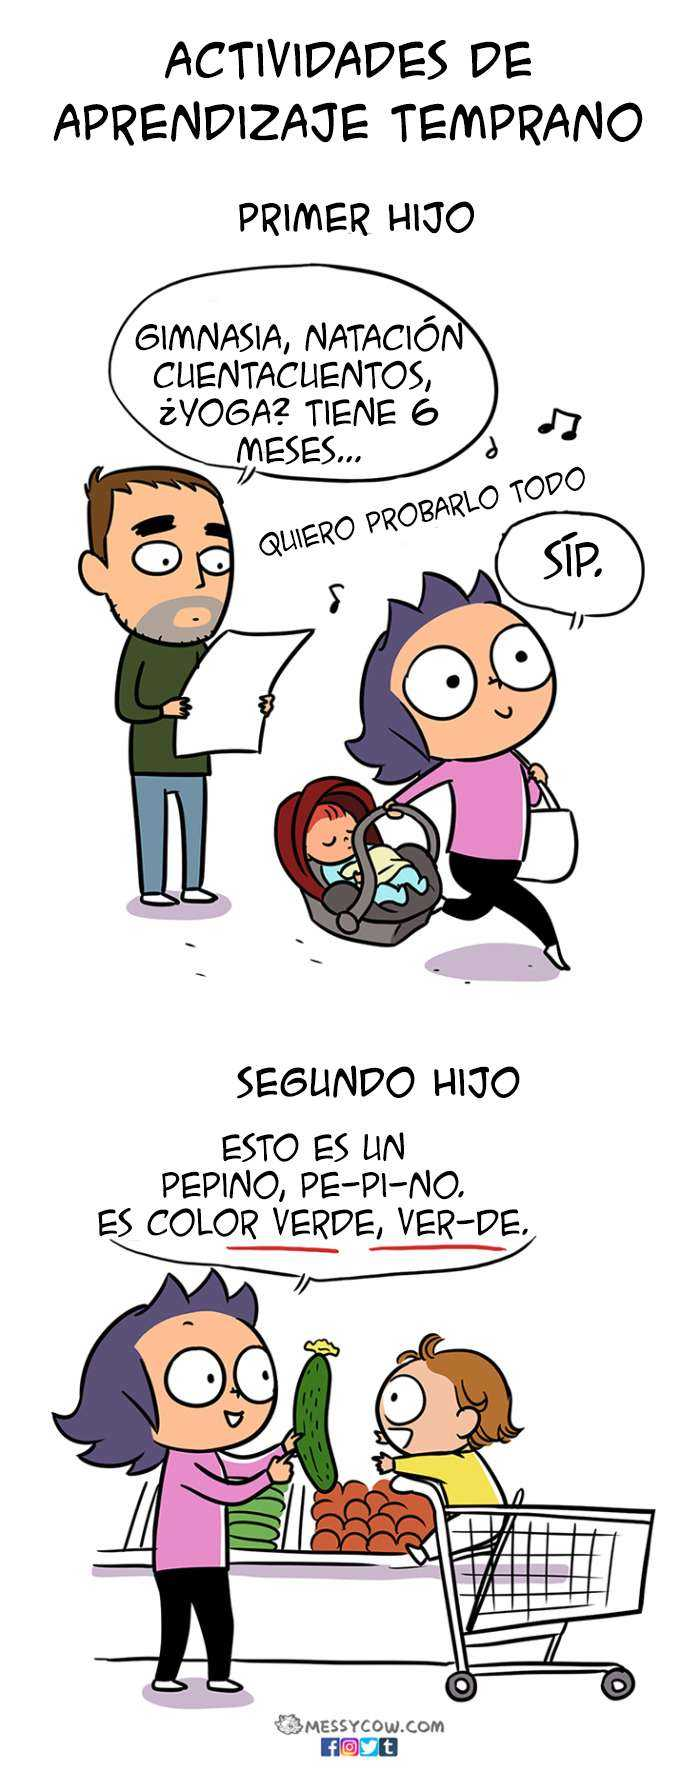 1521224194 501 16 comics divertidos y honestos que muestran la diferencia entre tener el primer y el segundo hijo - 16 Cómics divertidos y honestos que muestran la diferencia entre tener el primer y el segundo hijo